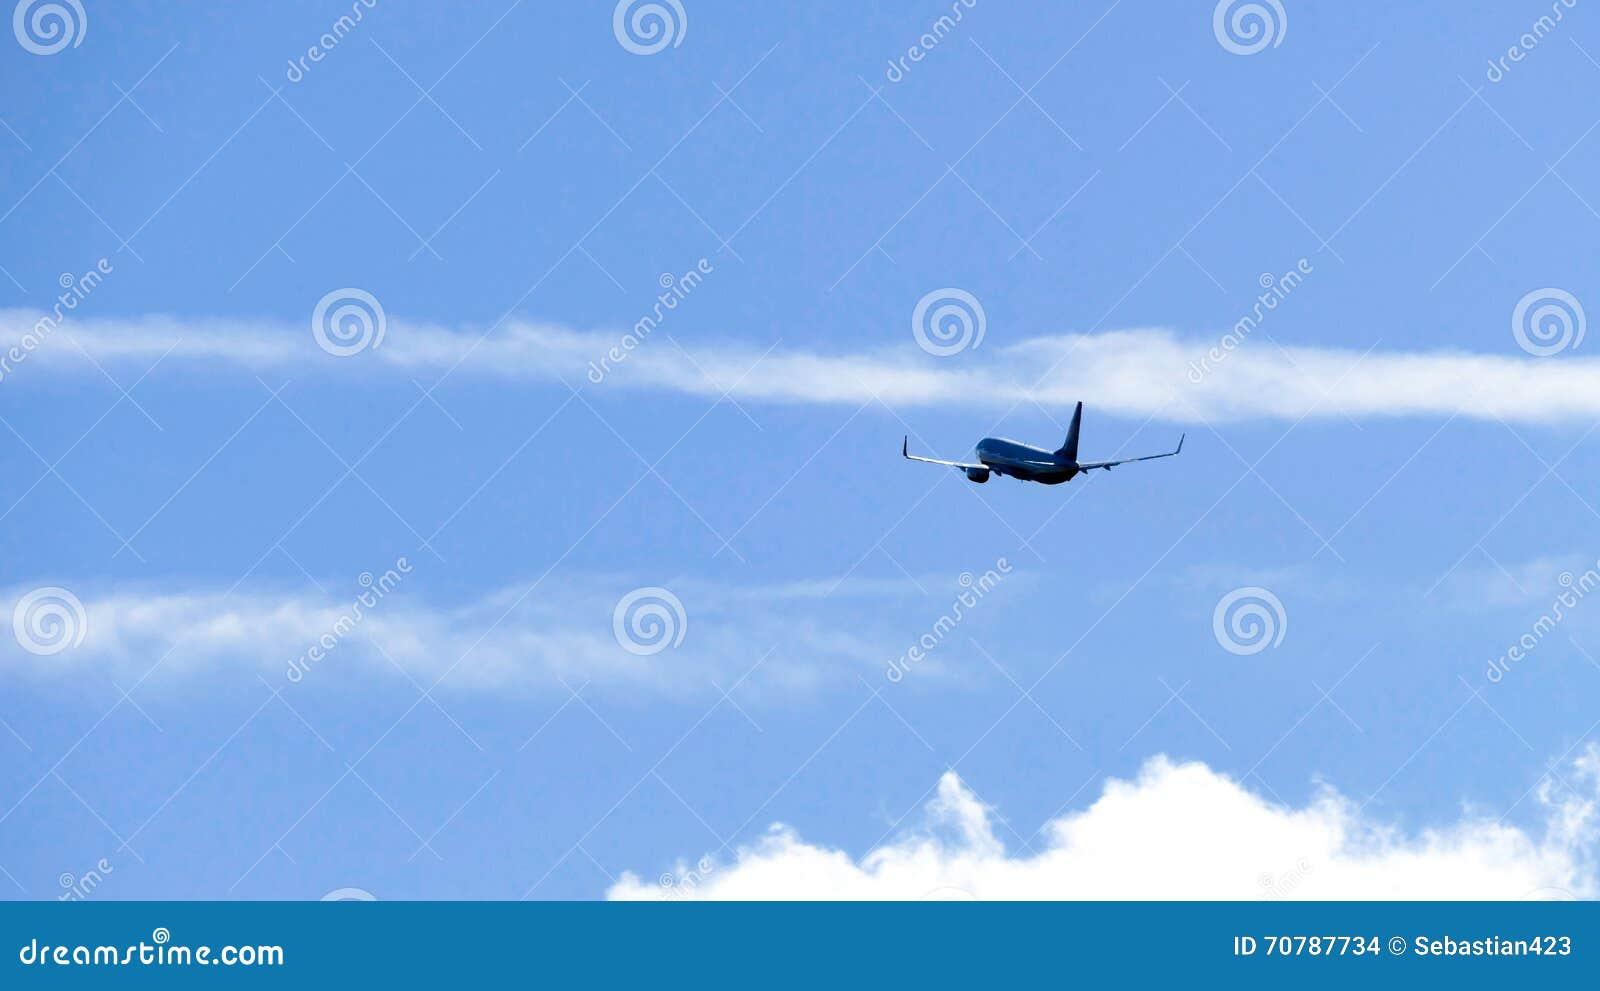 Avion contre le ciel bleu - concept de voyage